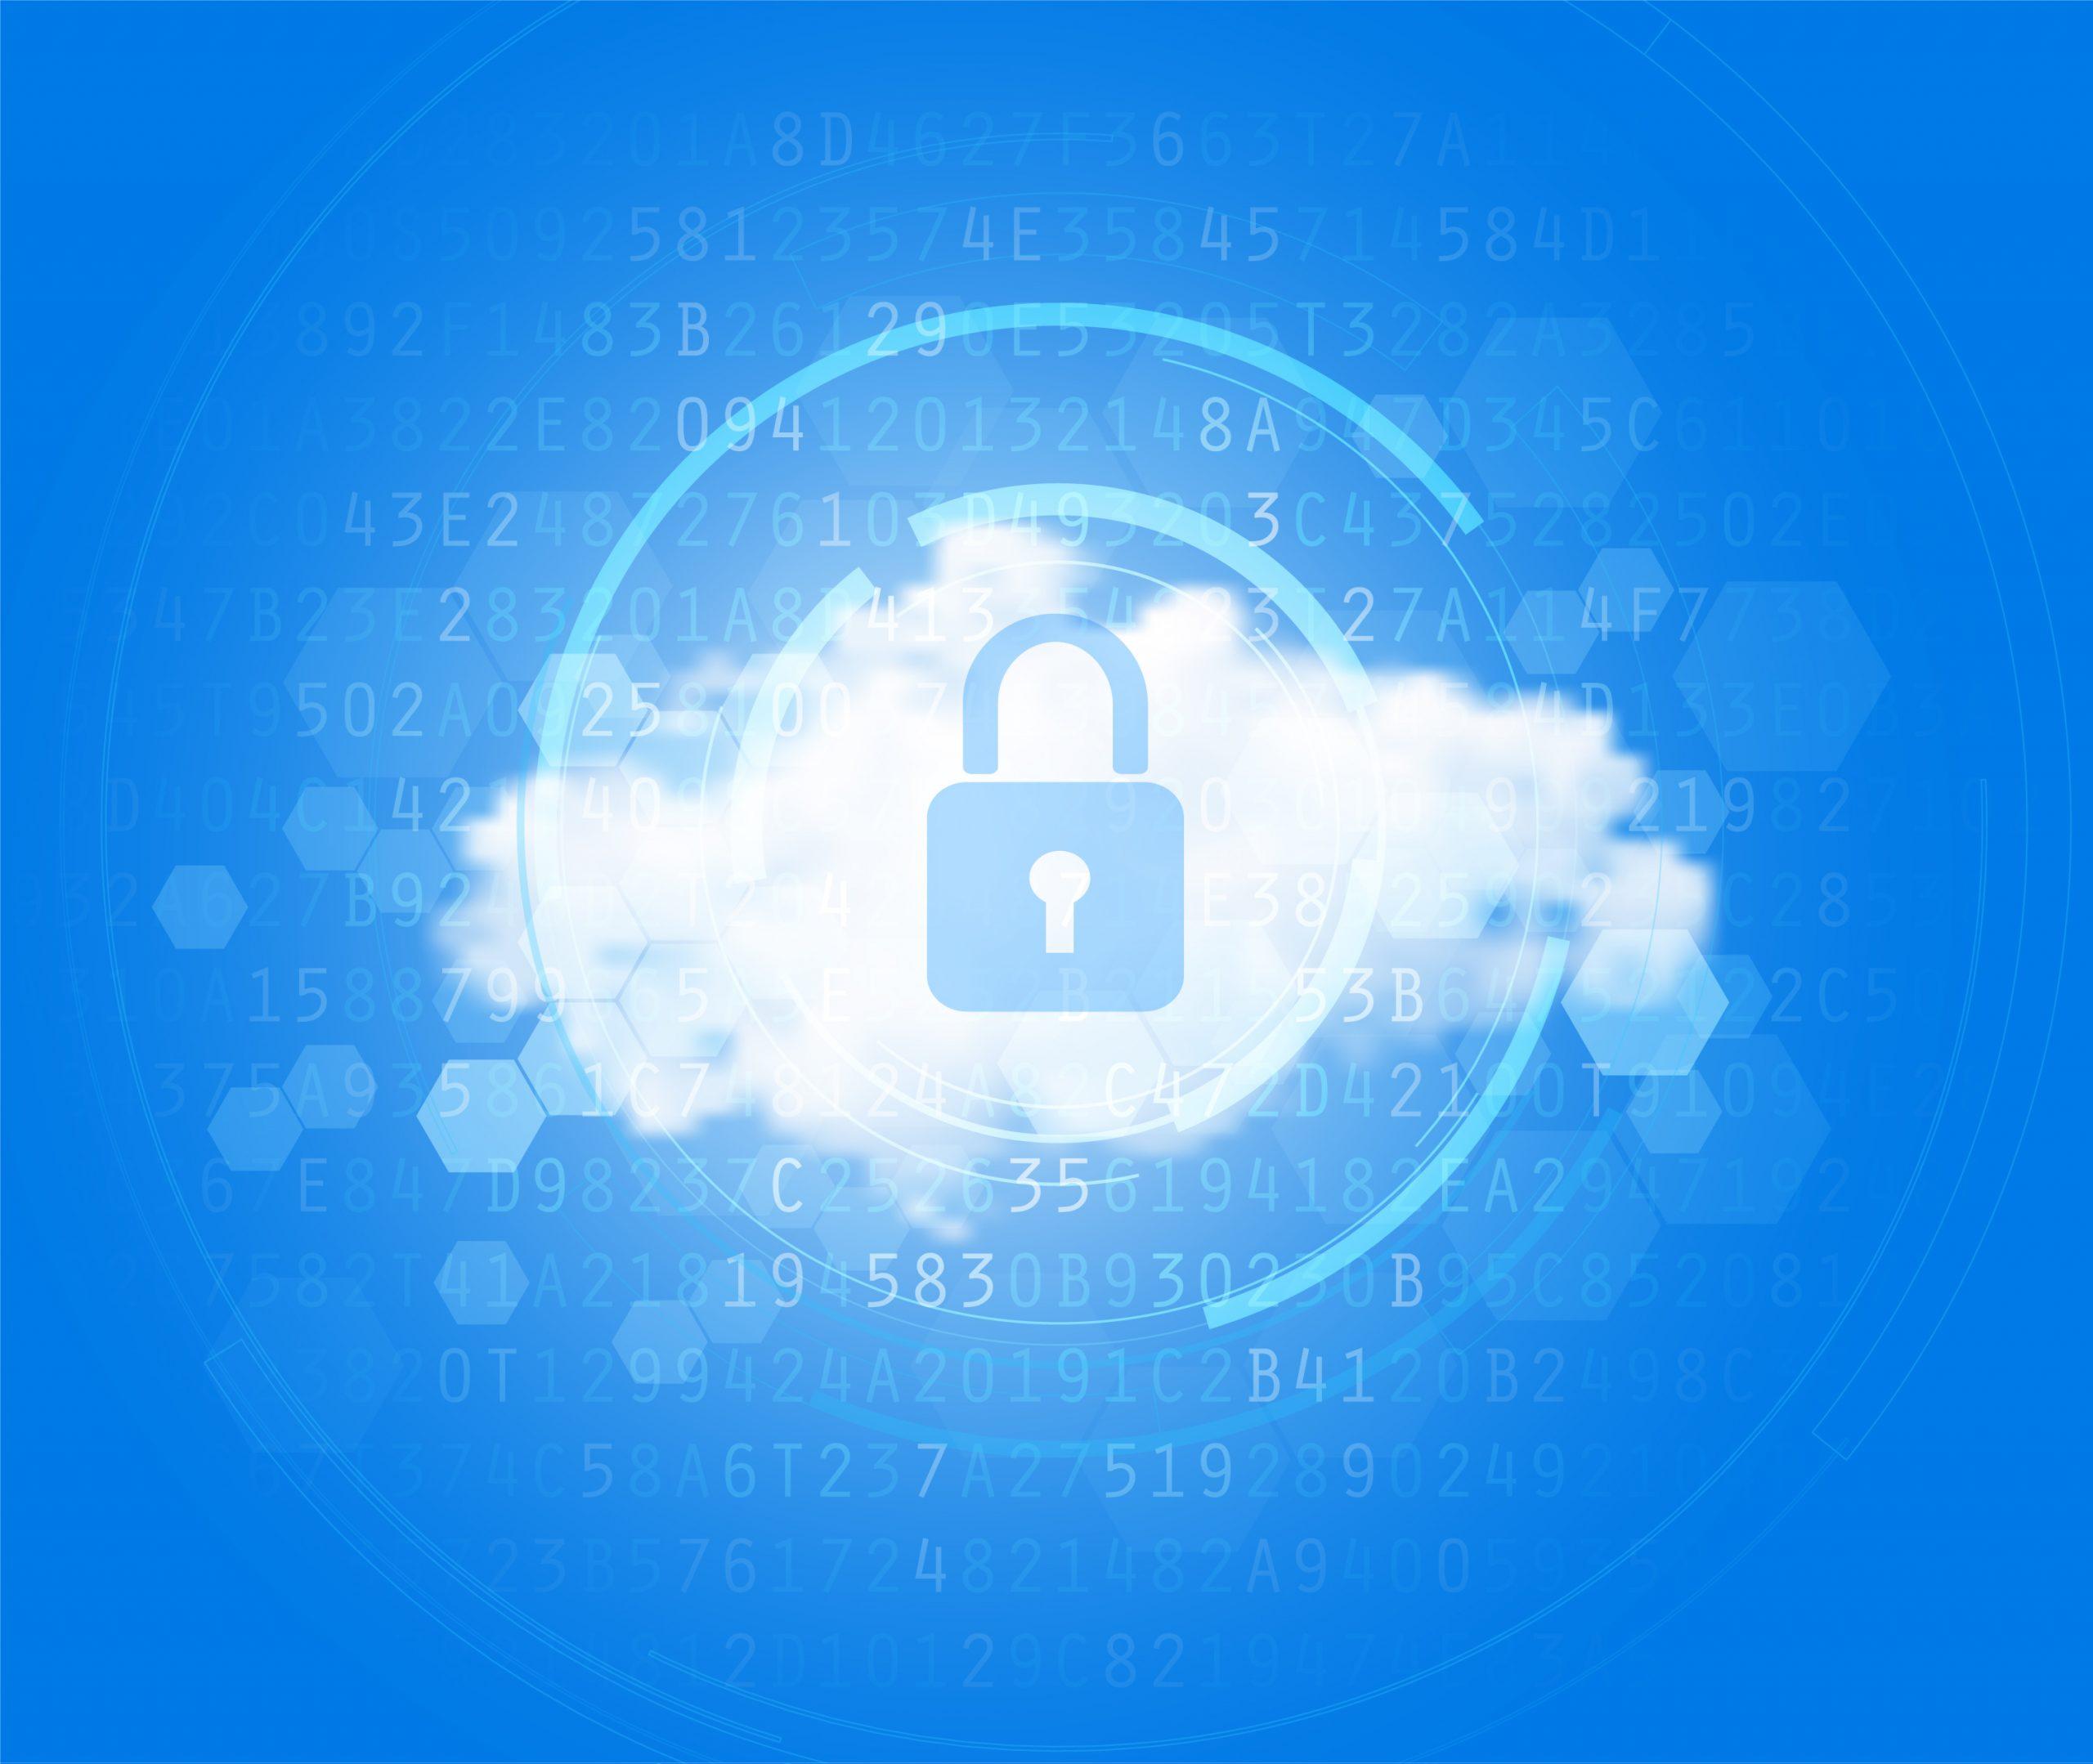 Zoom veröffentlicht Checkliste zu Datenschutzkonferenz-Empfehlungen - Zoom Blog